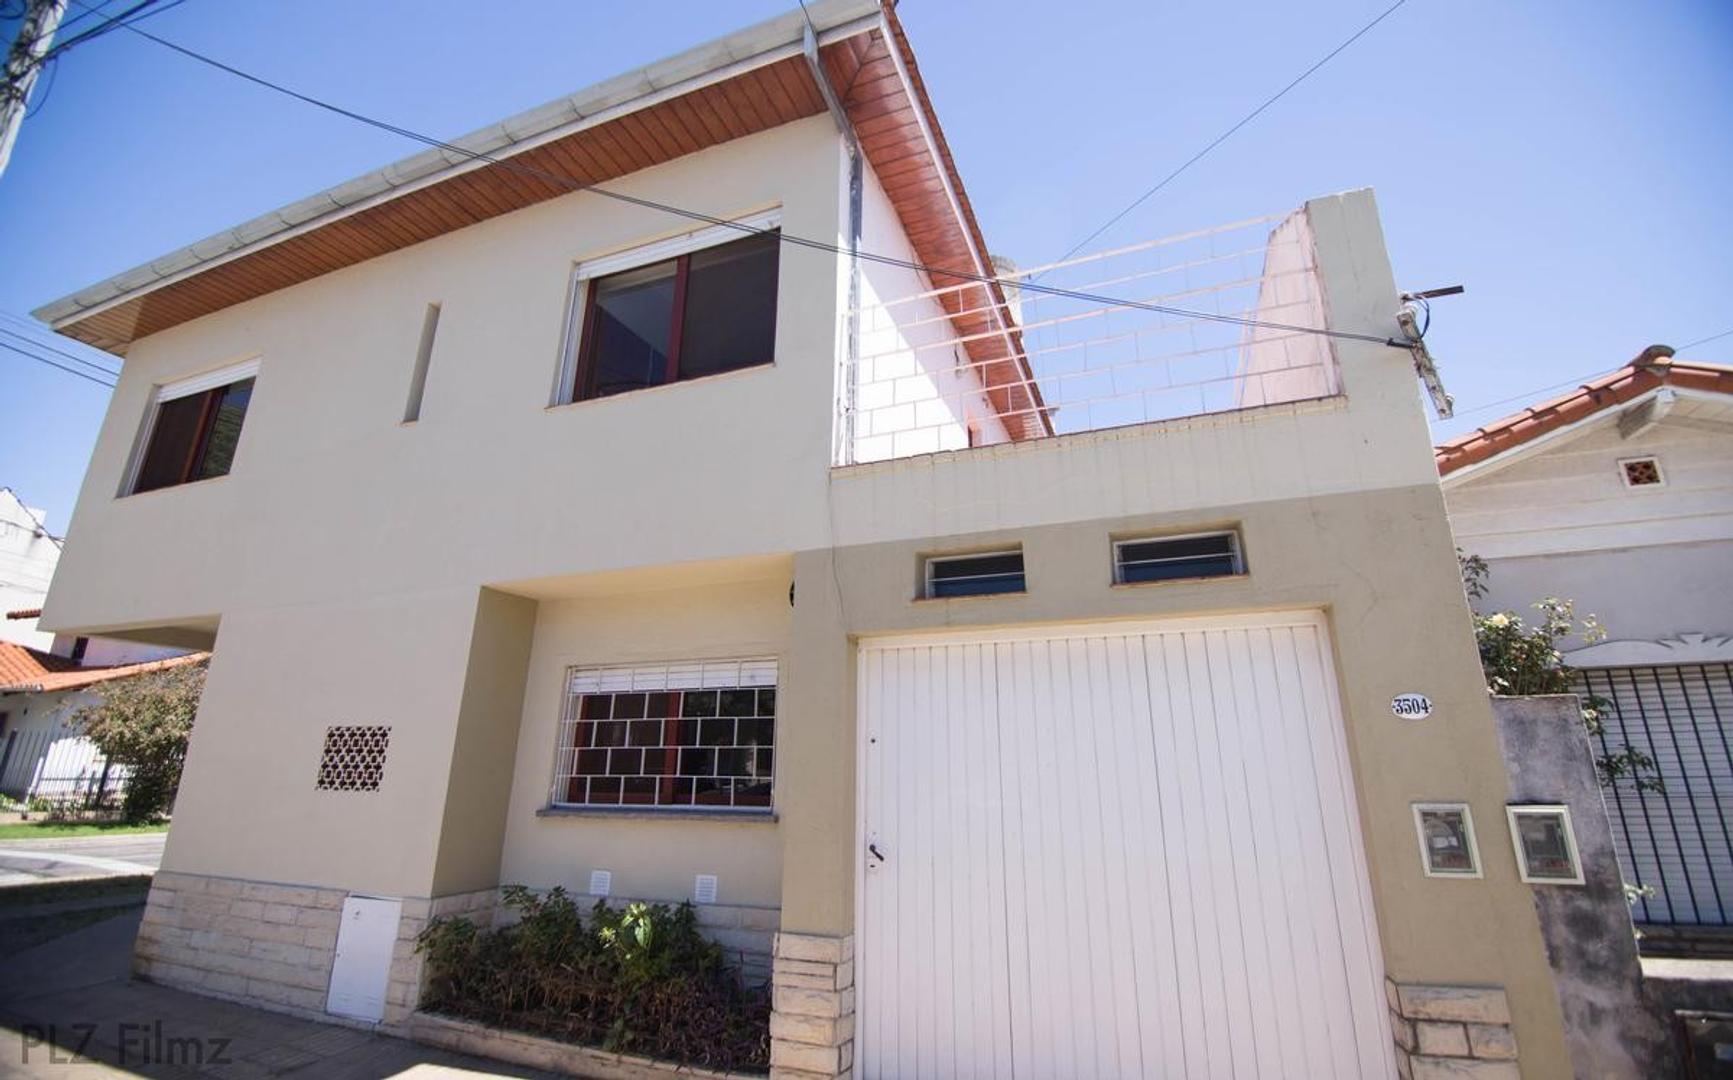 Casa en Alquiler en Olivos Maipu/Uzal - 5 ambientes